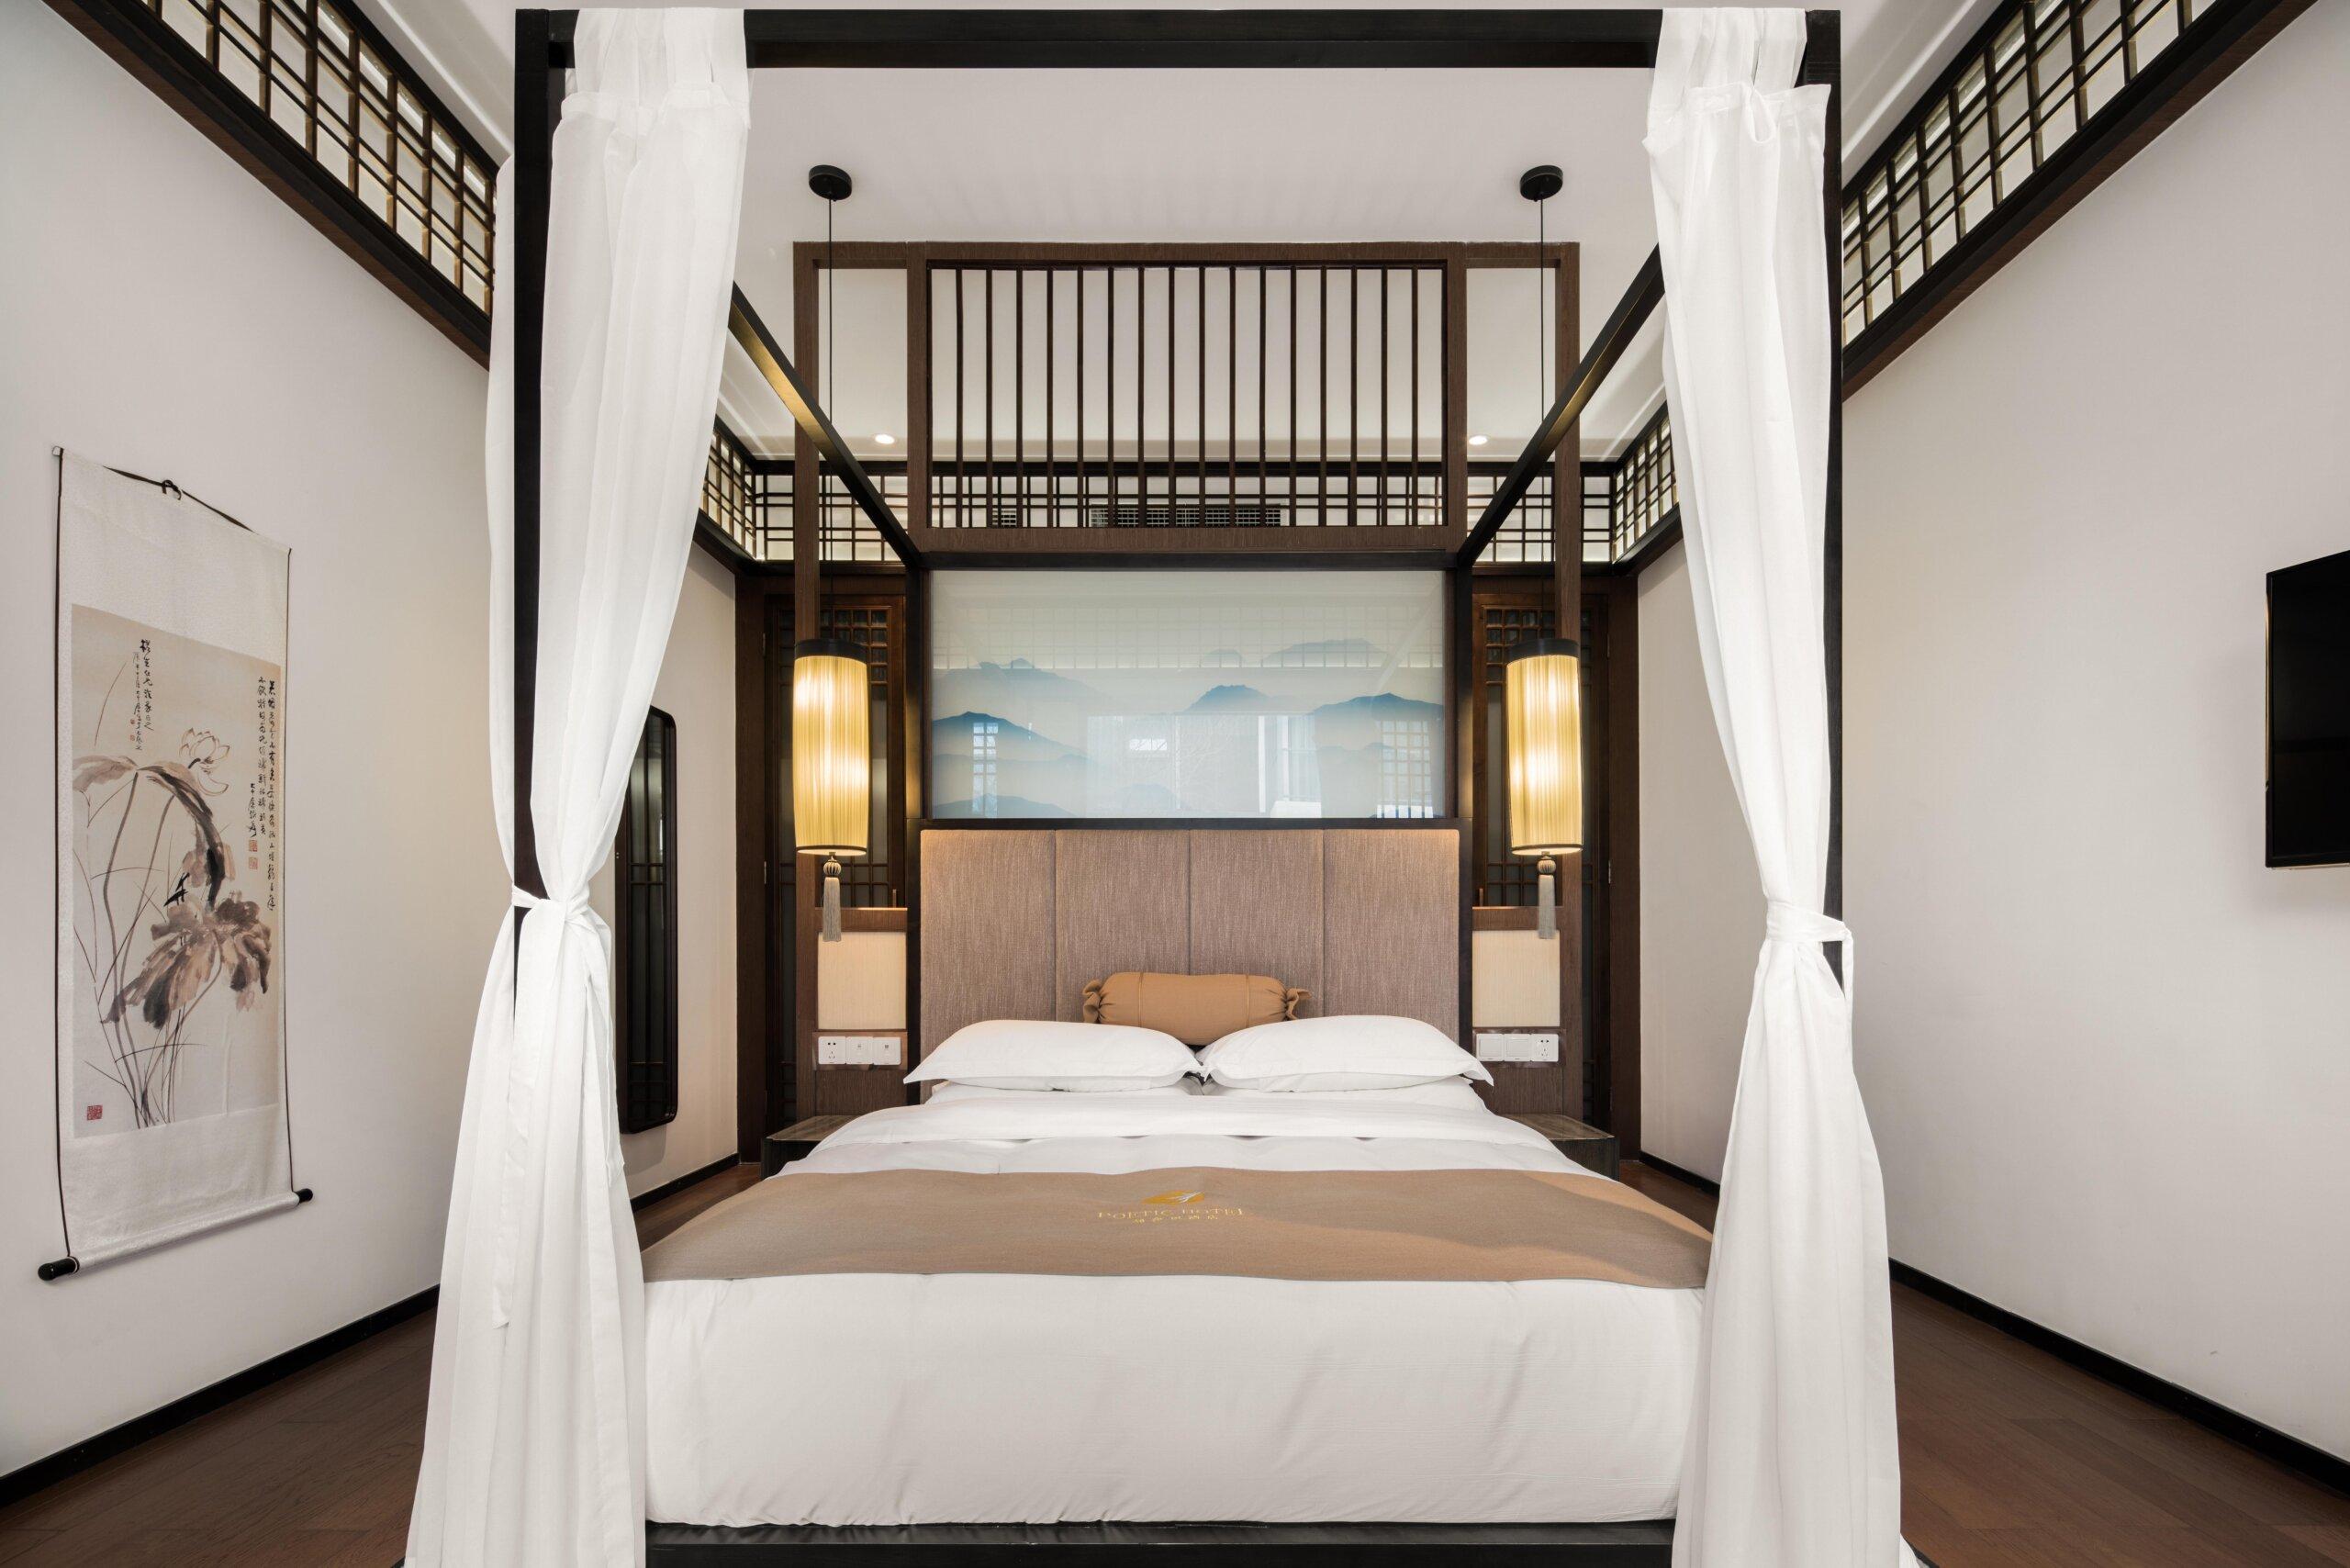 21静夜院-高级客房